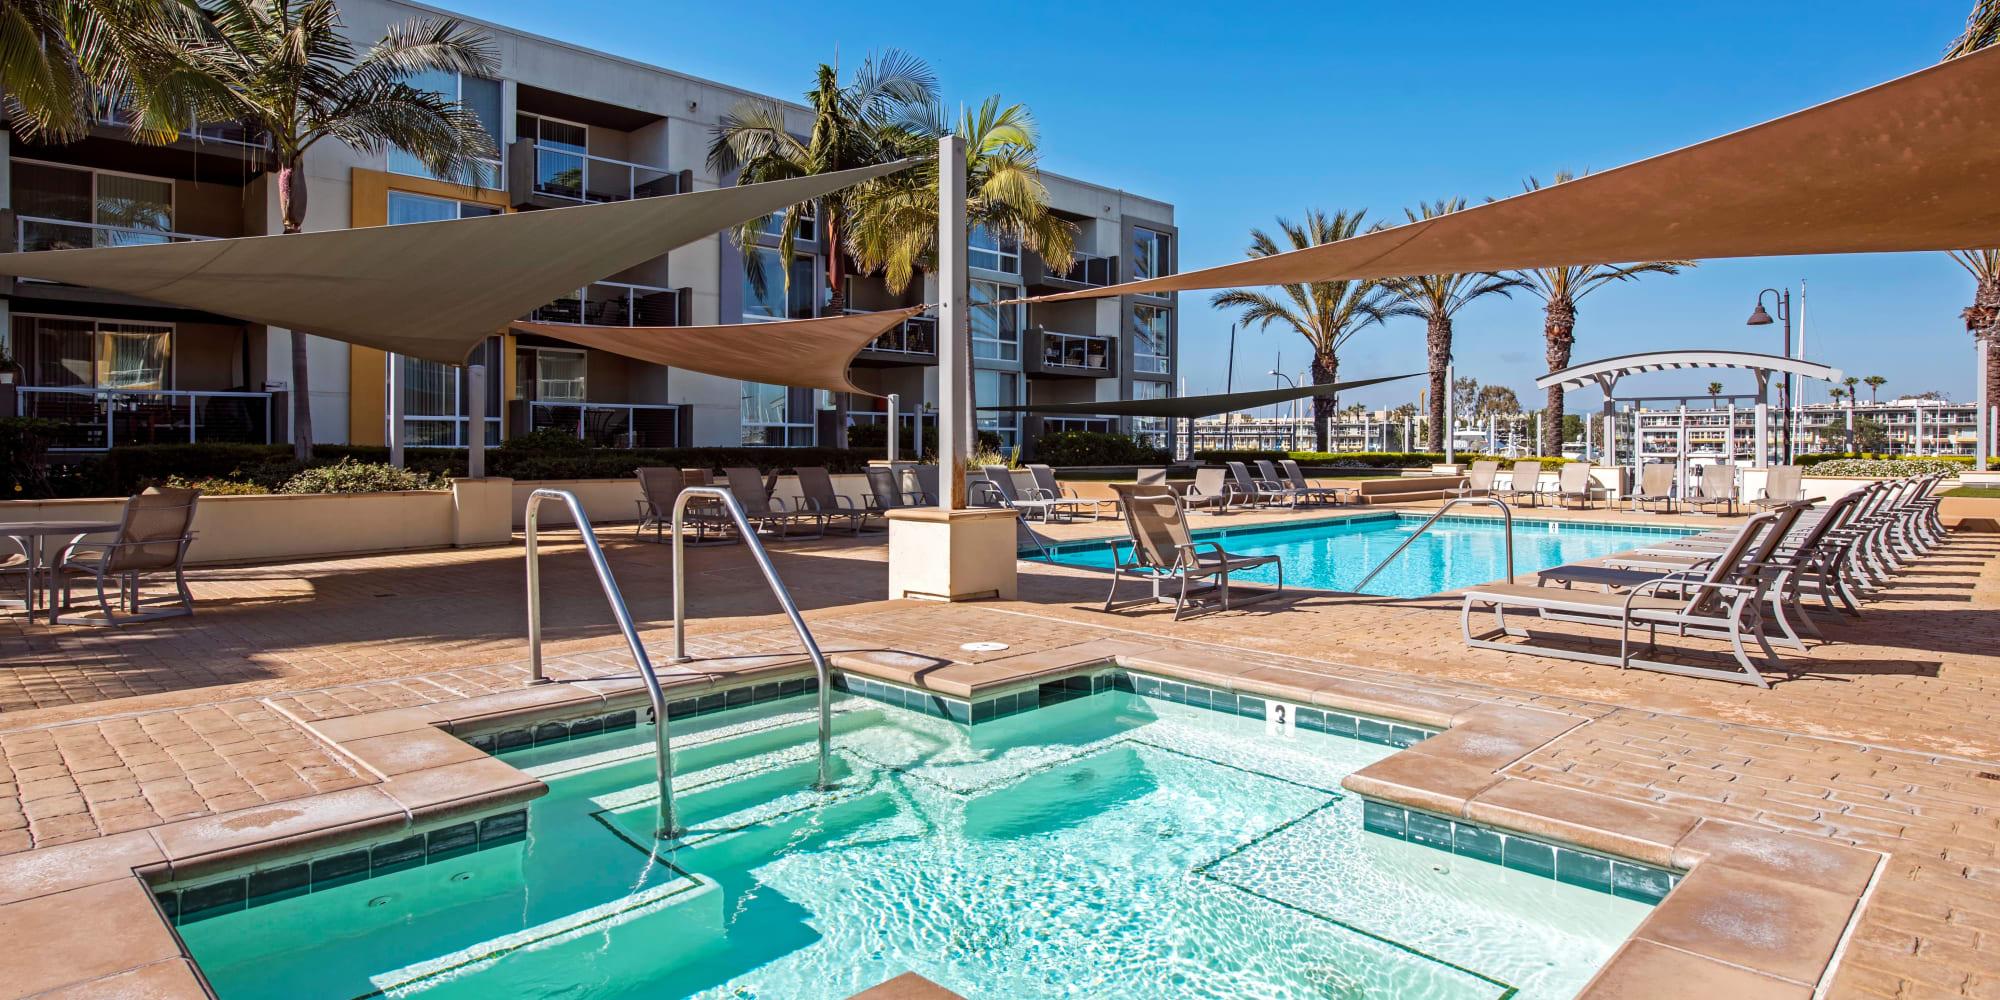 Spa and pool area at The Villa at Marina Harbor in Marina del Rey, California